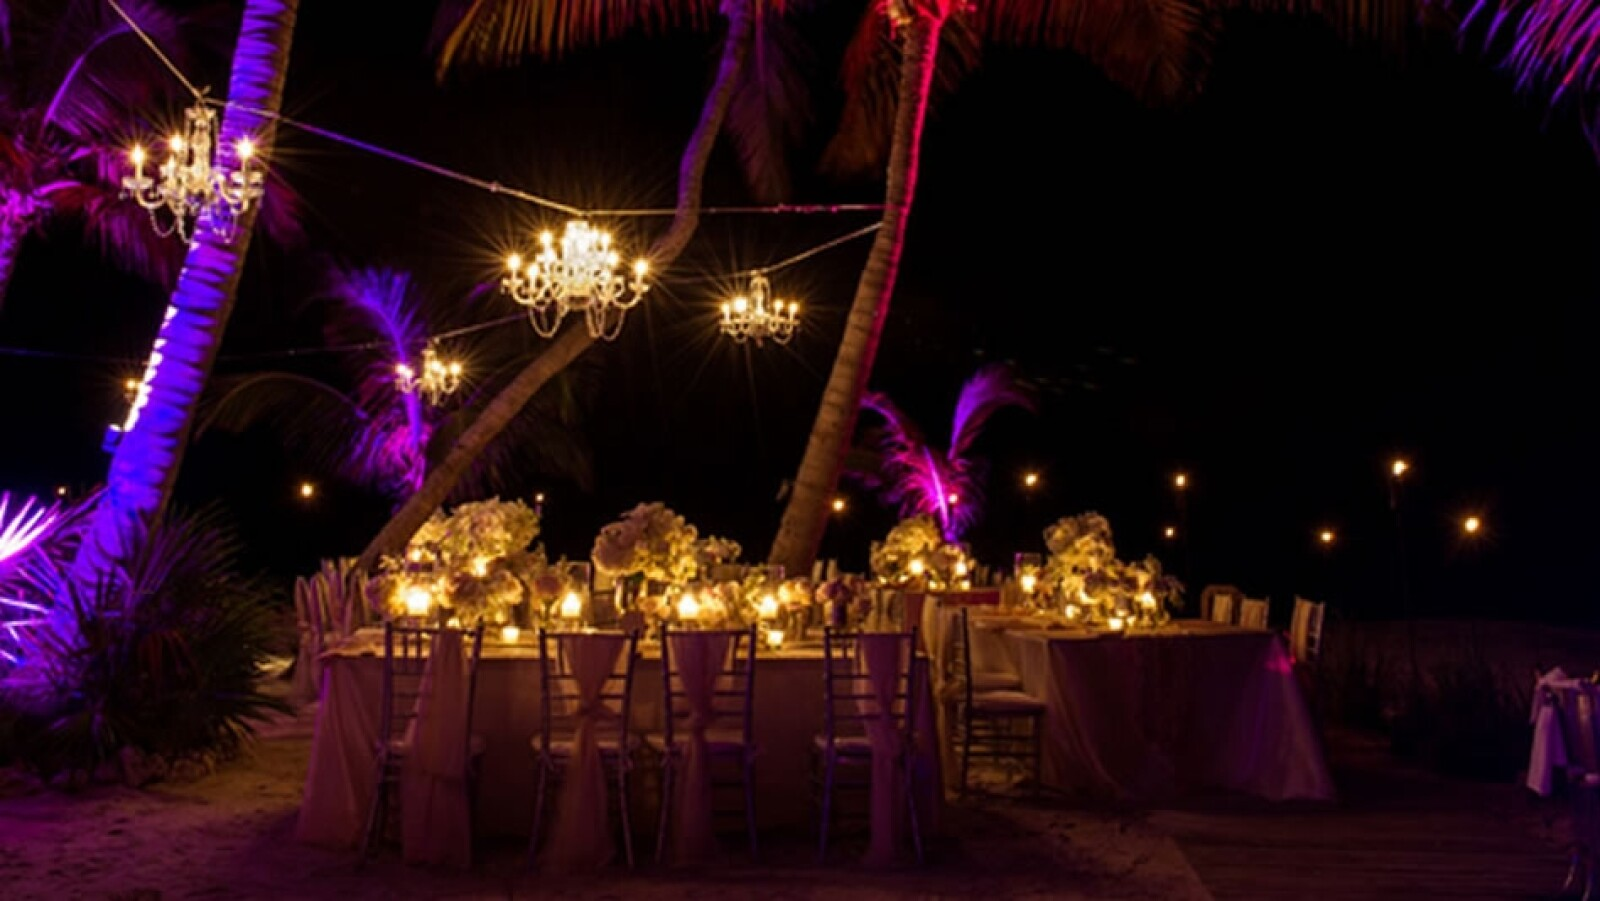 Little Palm Island en Key West cuesta 1,500 dólares la noche por habitación. Pero para una boda de 41 a 60 personas te cobrarán 175,000 dólares